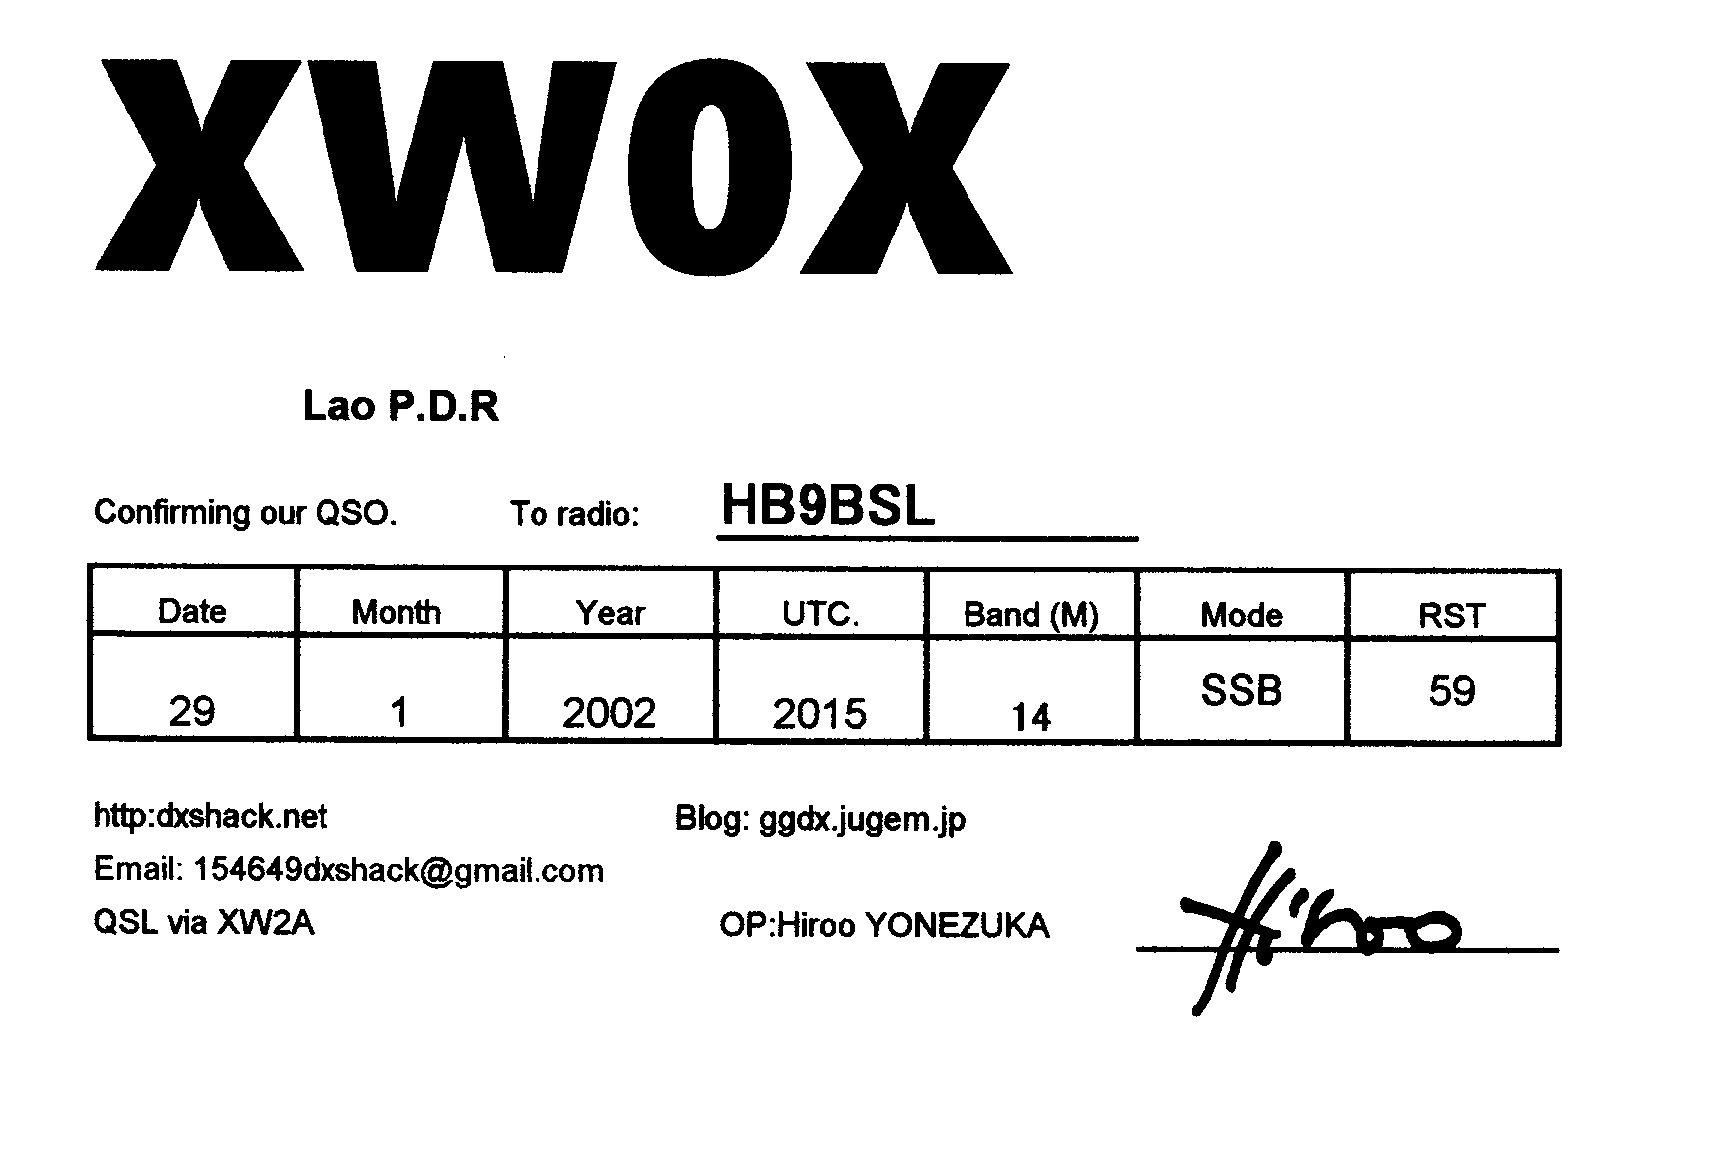 DXCC 314